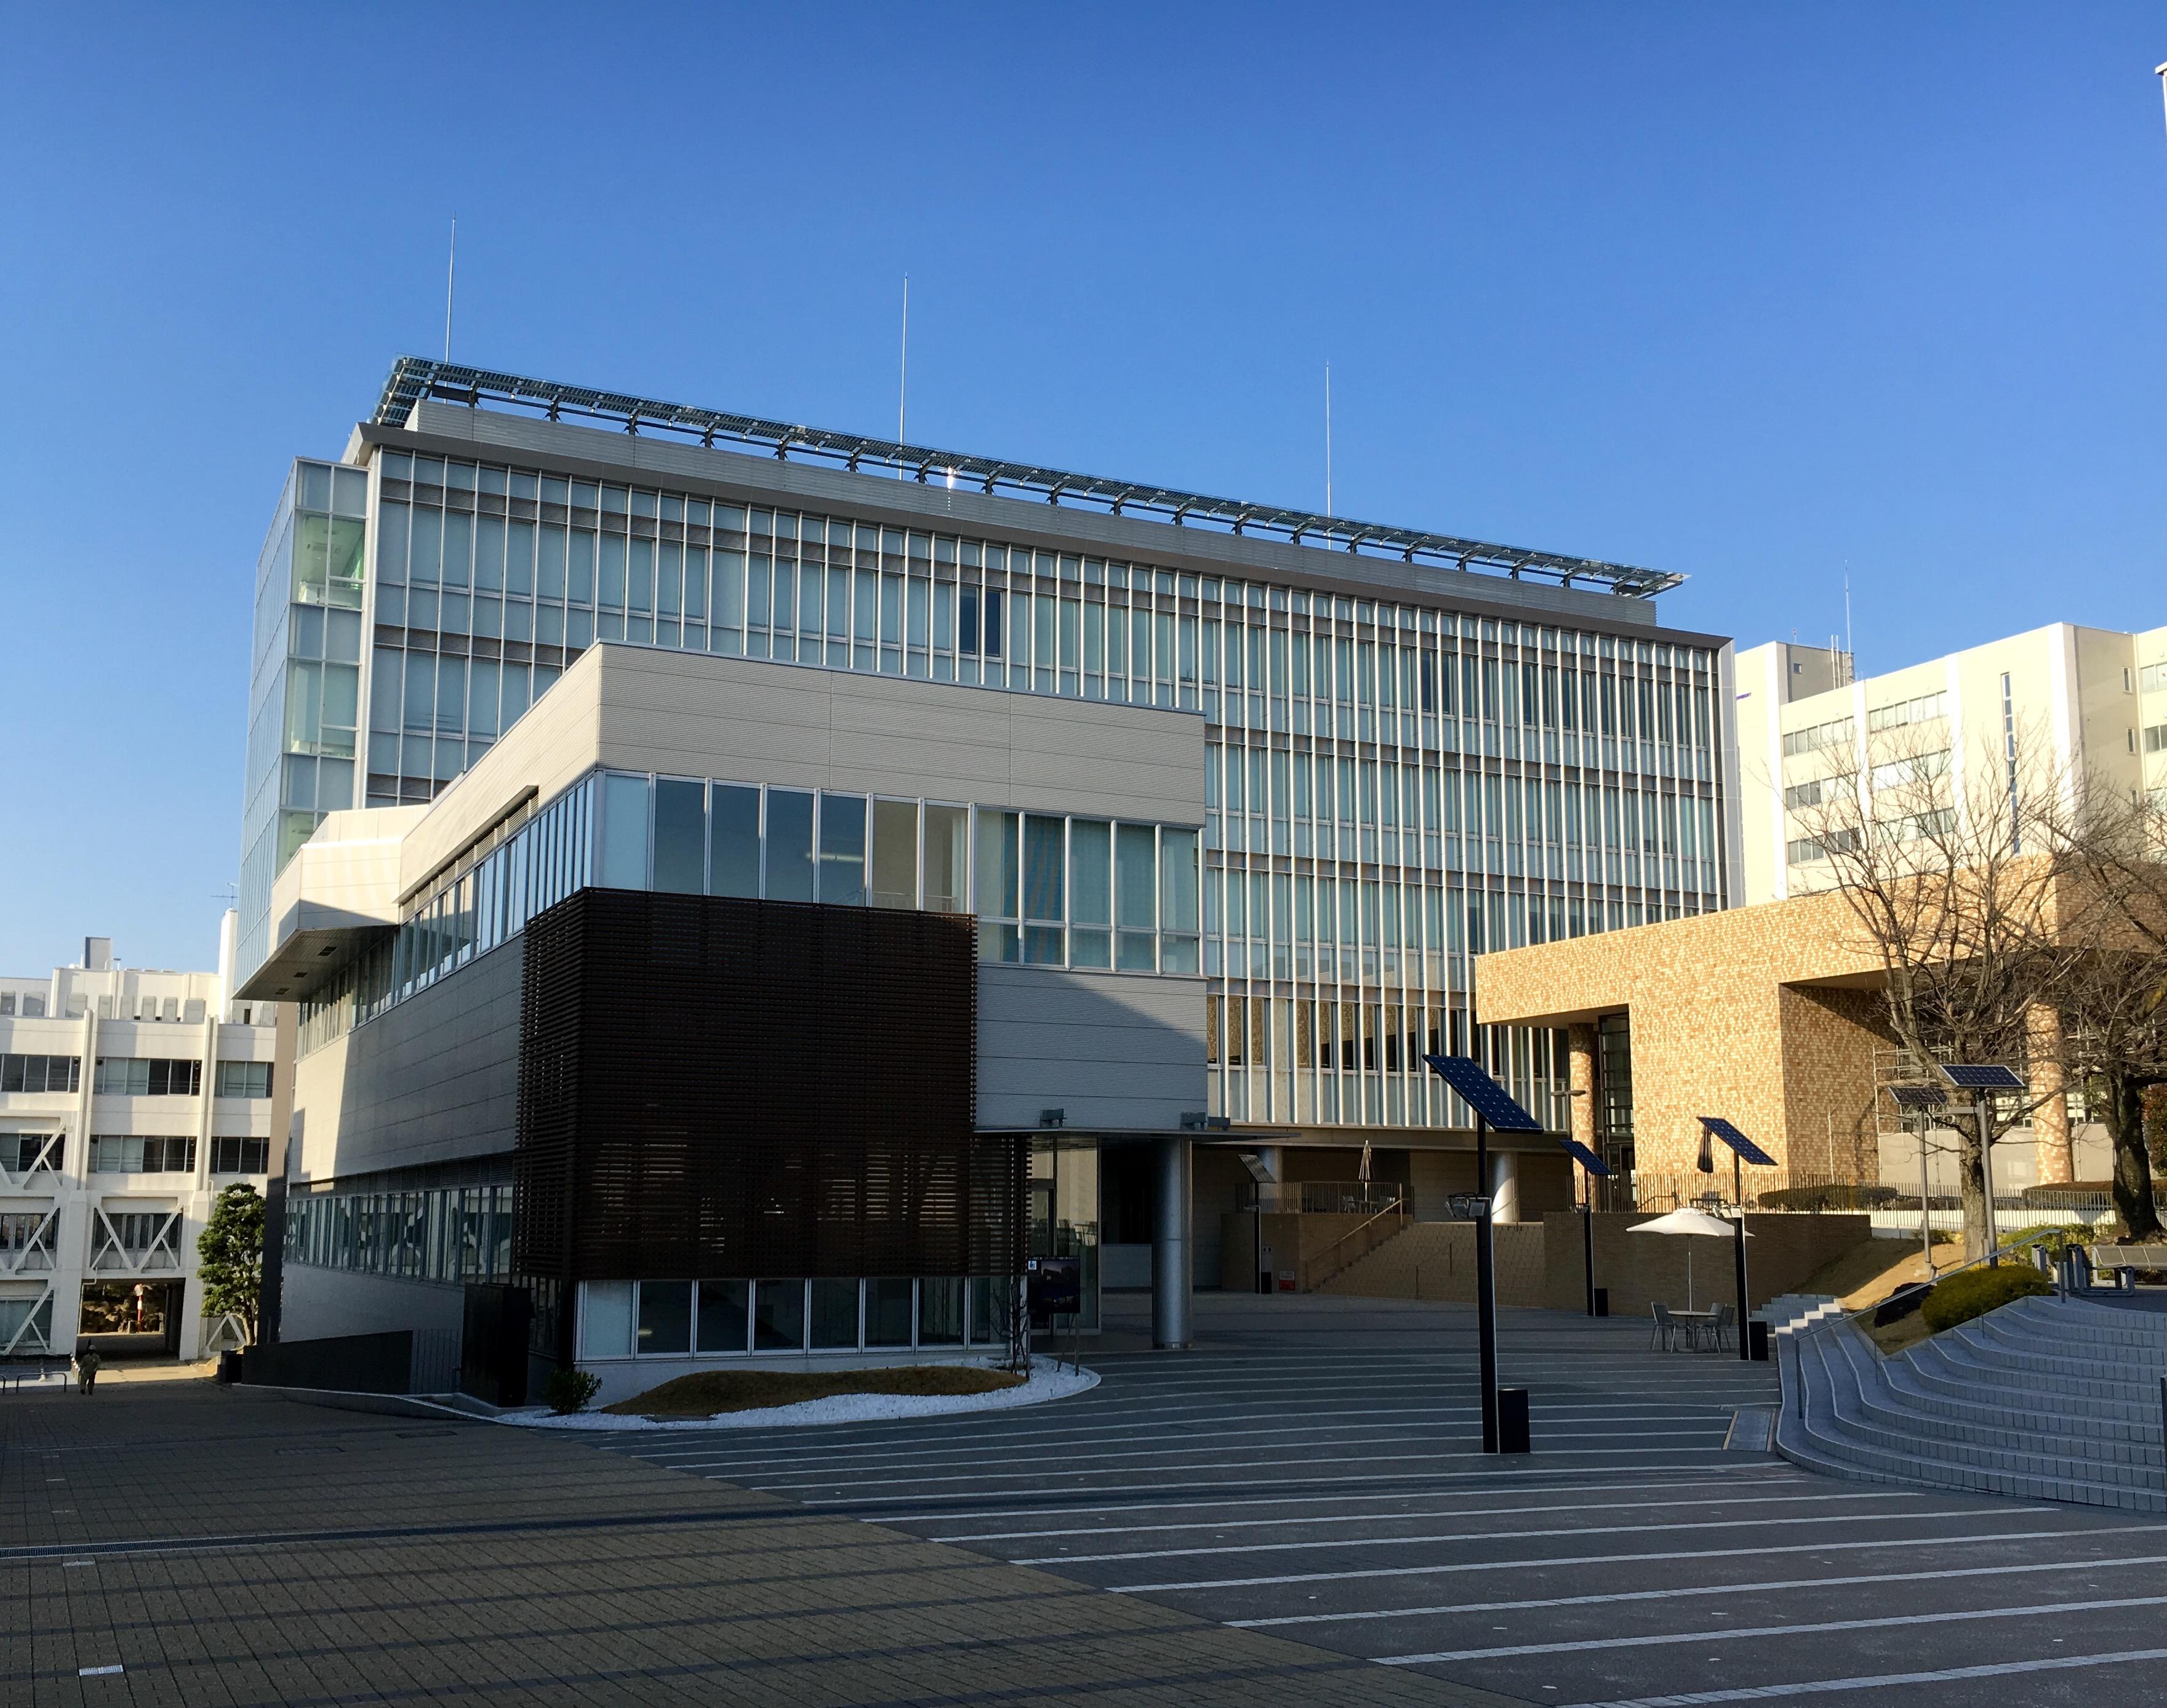 図書館 大学 愛知 淑徳